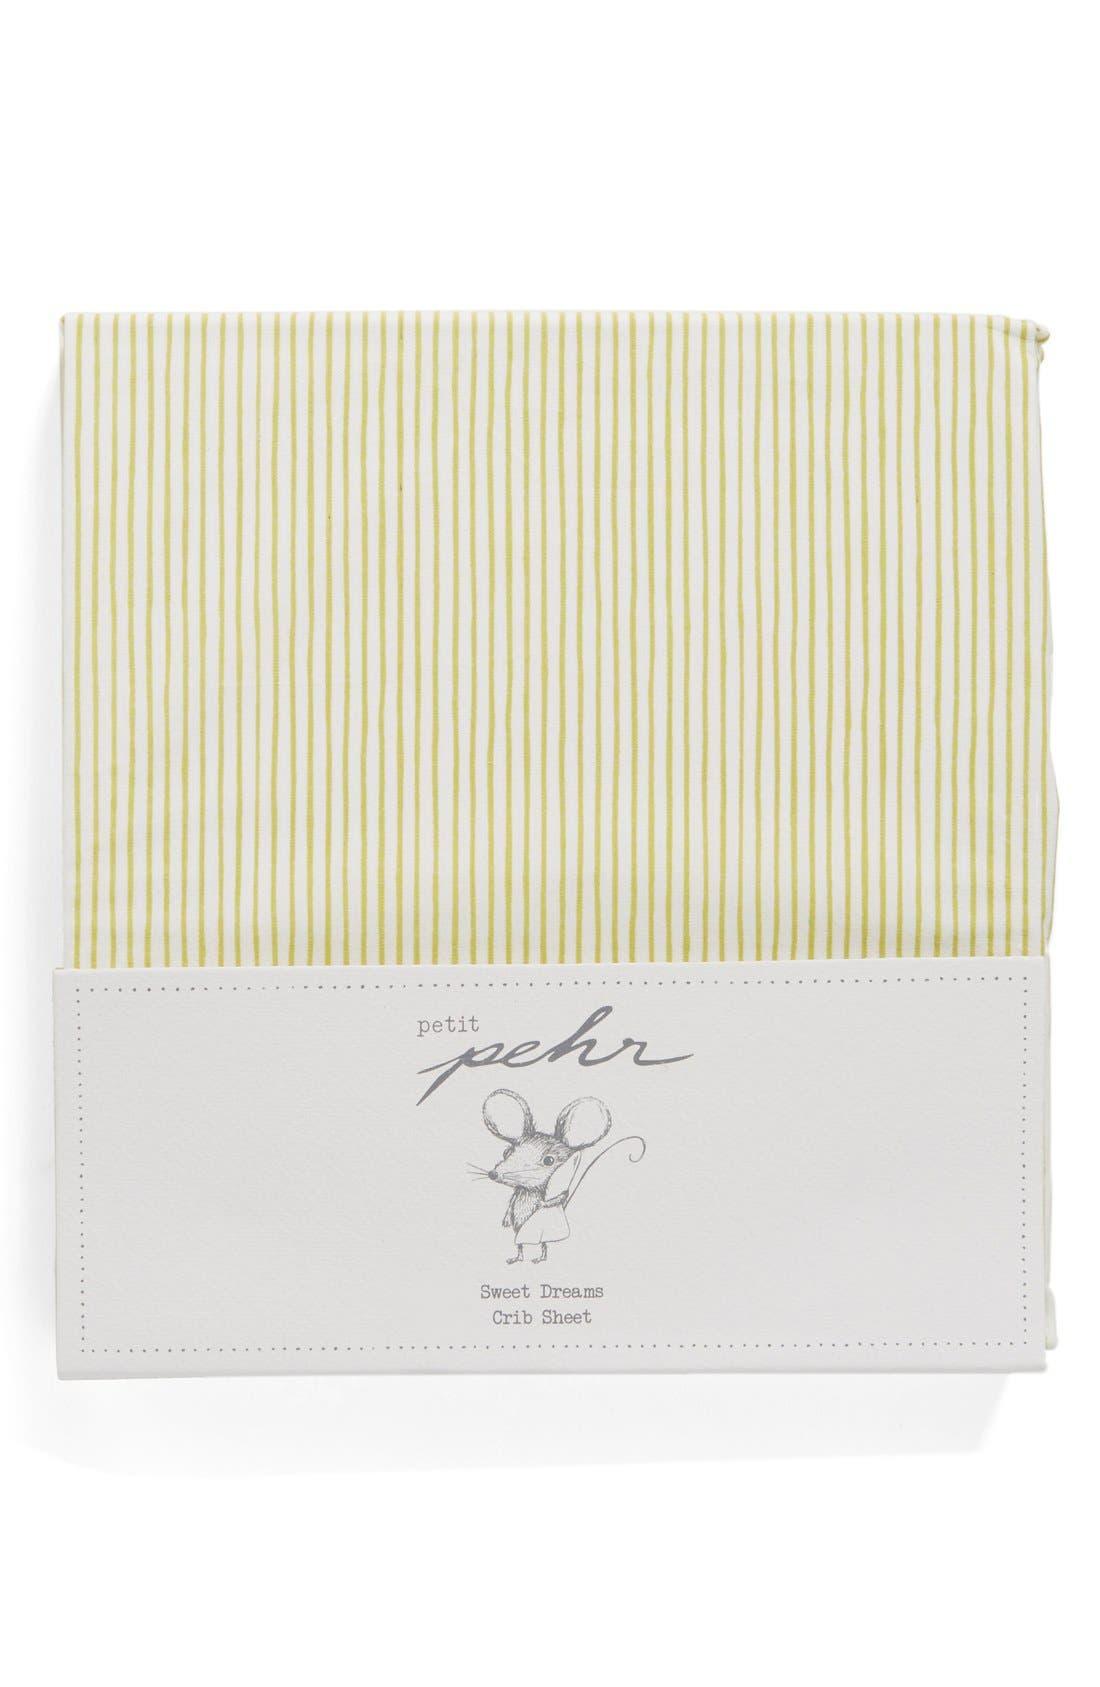 Main Image - Petit Pehr Pencil Stripe Crib Sheet